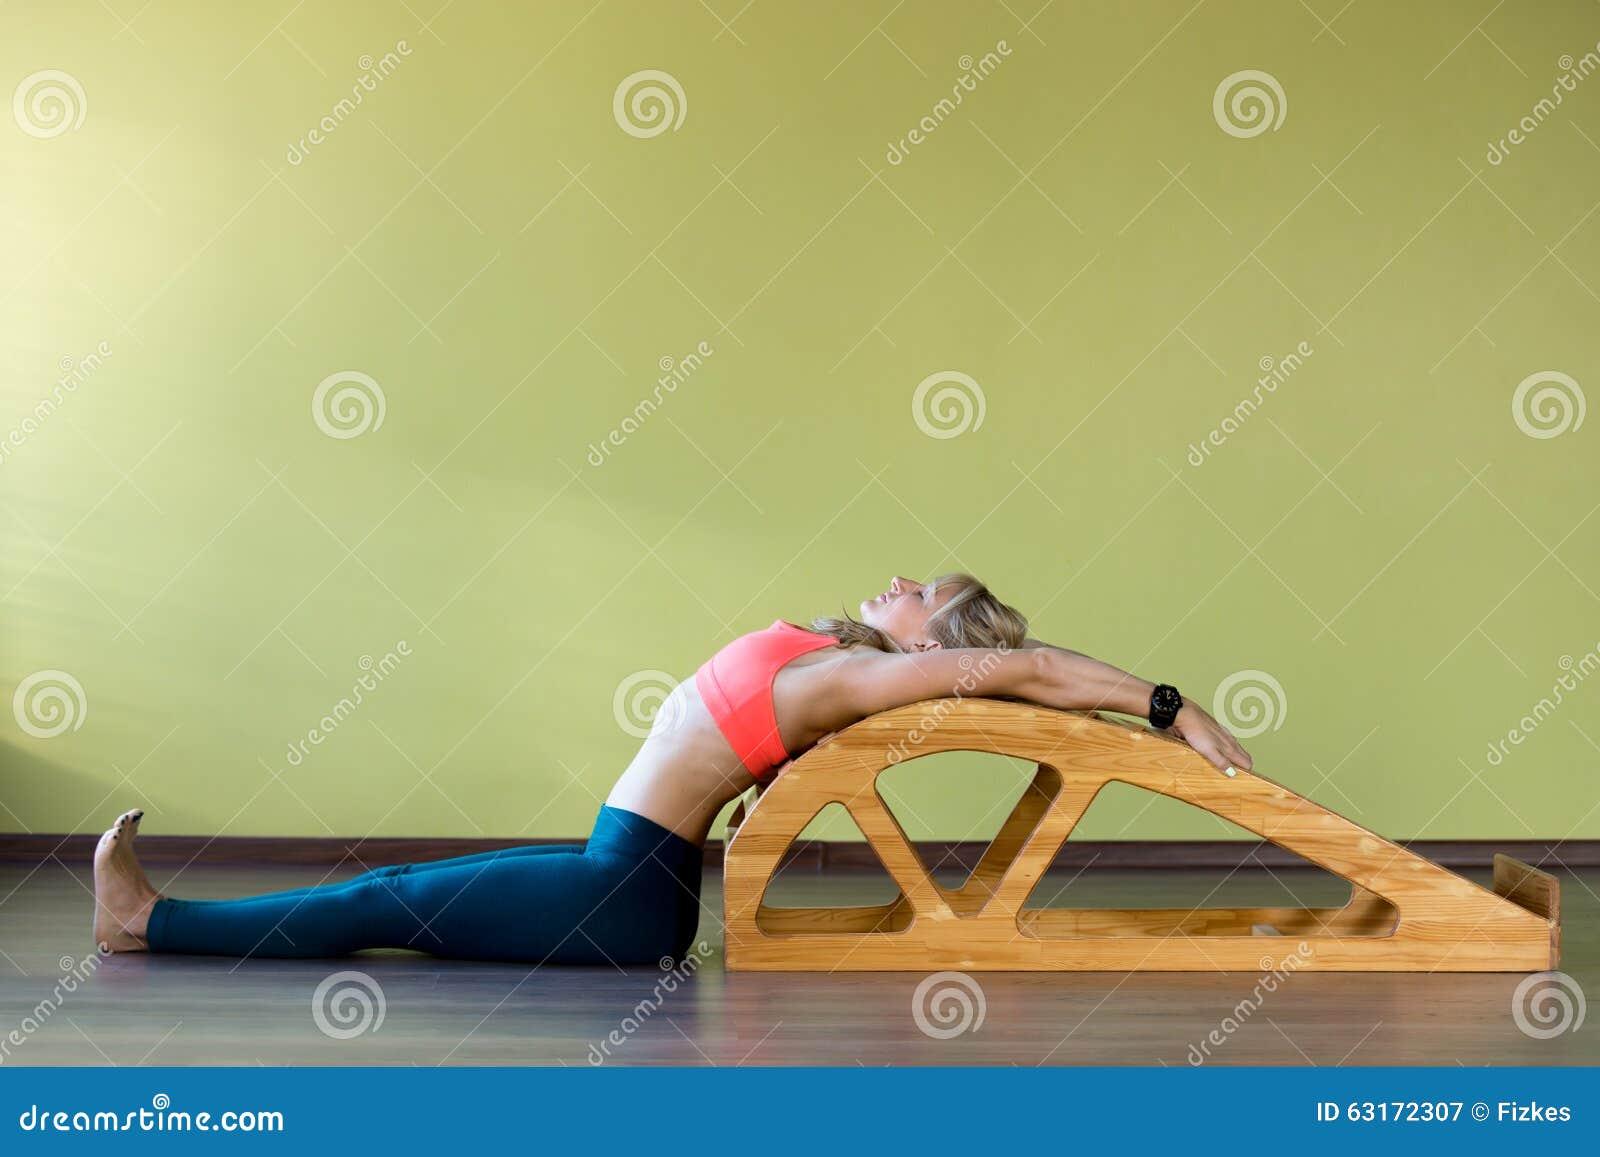 étirage Des Exercices Sur Le Banc De Salto De Yoga Image Stock